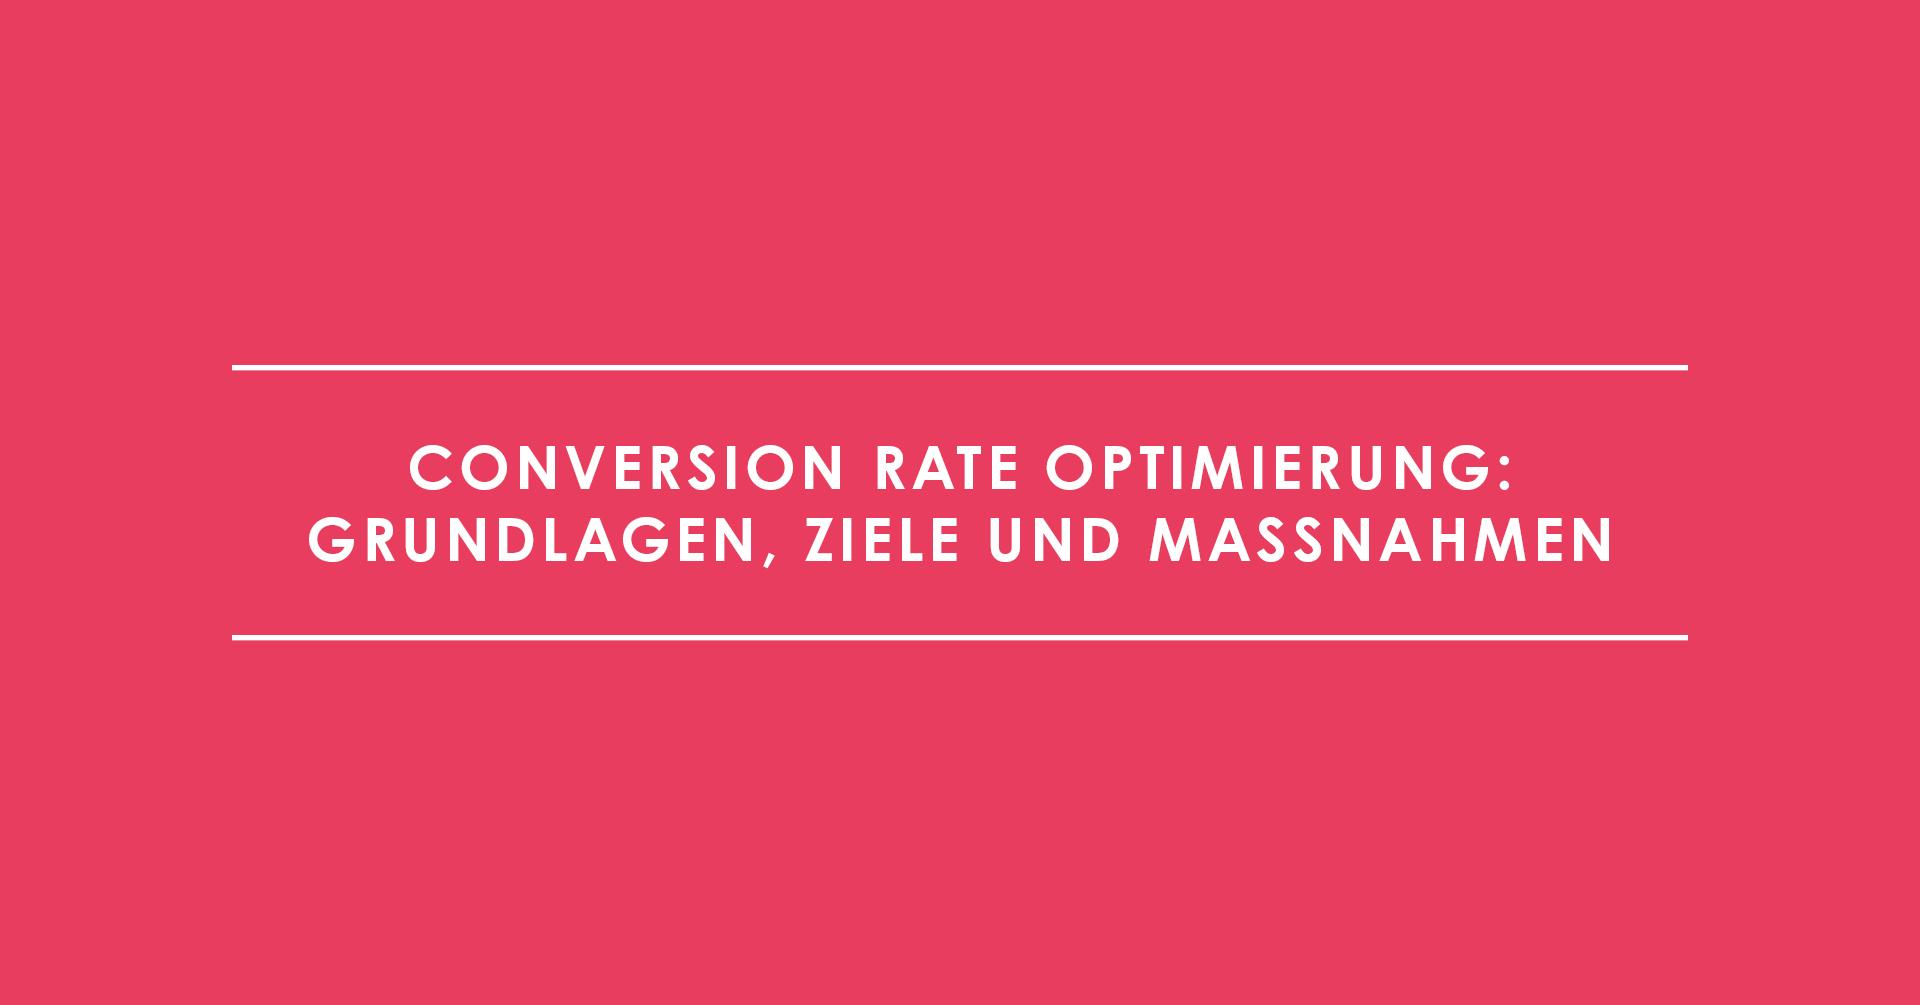 Conversion Rate Optimierung: Grundlagen, Ziele und Maßnahmen